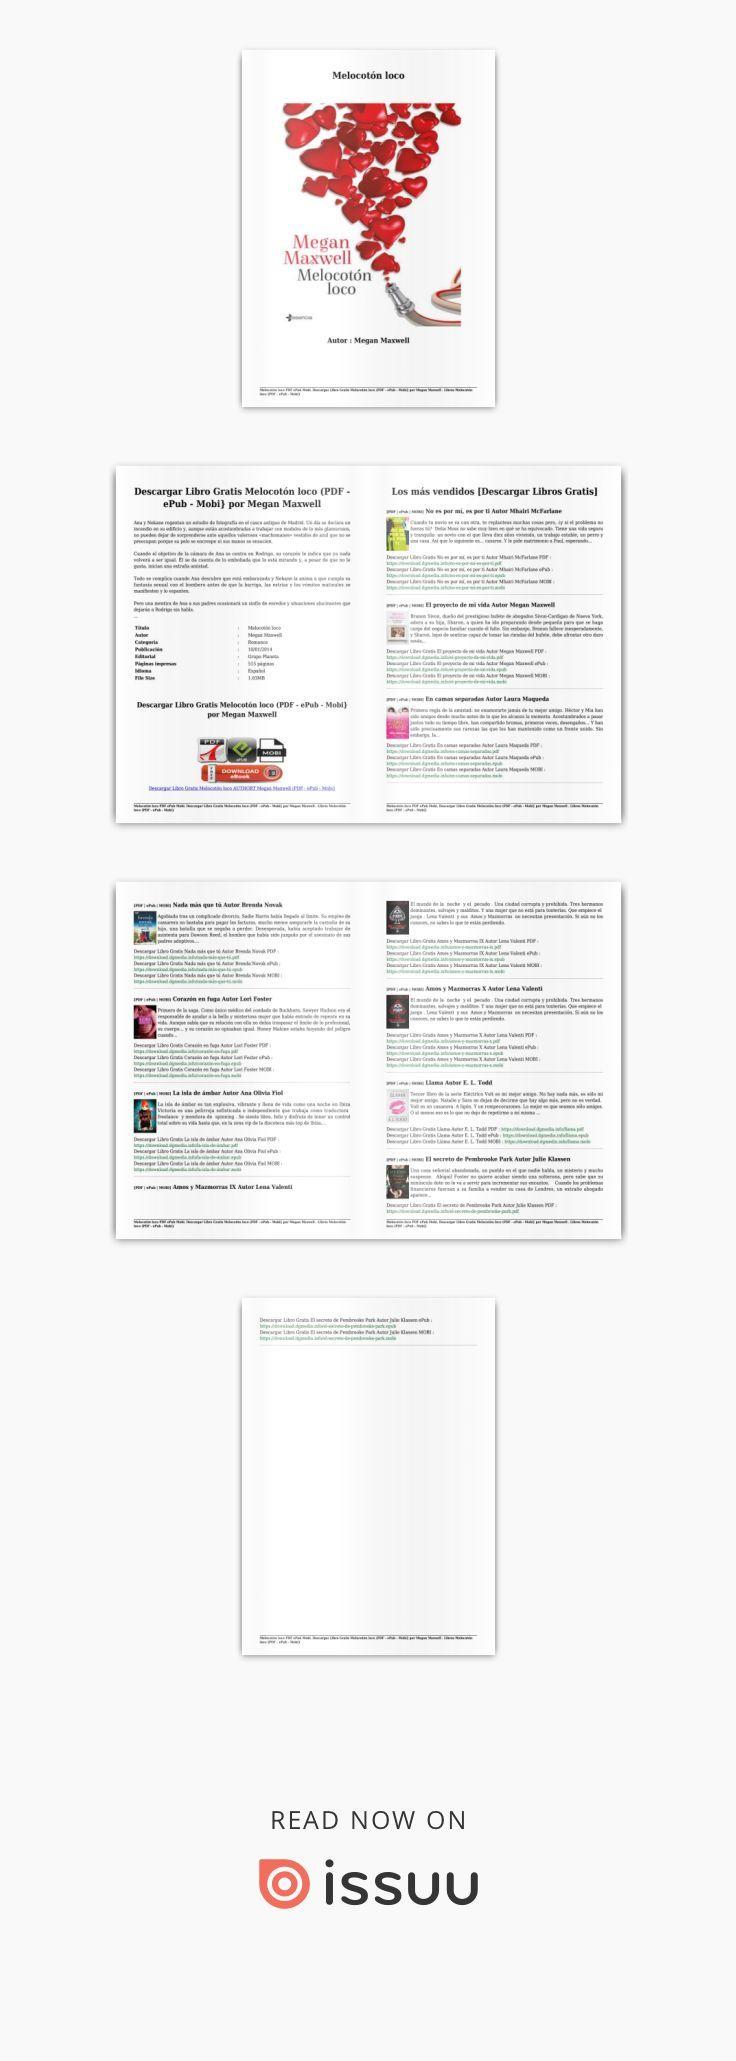 Descargar Libro Gratis Melocotón Loco Pdf Epub Mobi Por Megan Maxwell Descargar Libros Gratis Libros Gratis Megan Maxwell